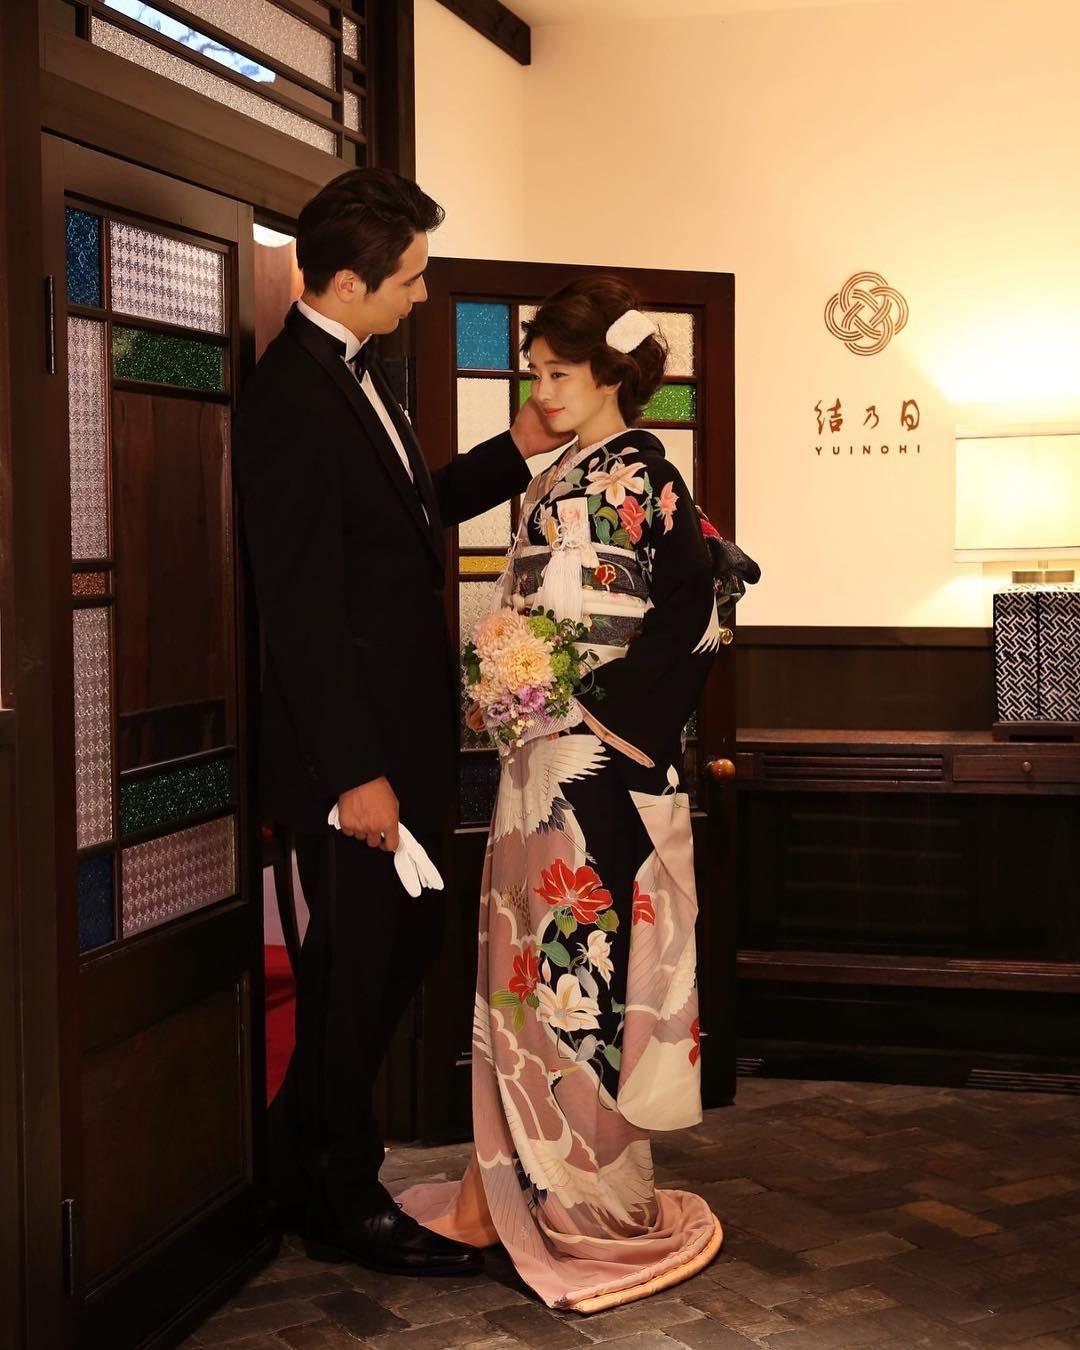 花嫁が和装で新郎がタキシードの衣装合わせってどうなの 有り無し Marry マリー 日本のファッション ウェディング レトロ 花嫁